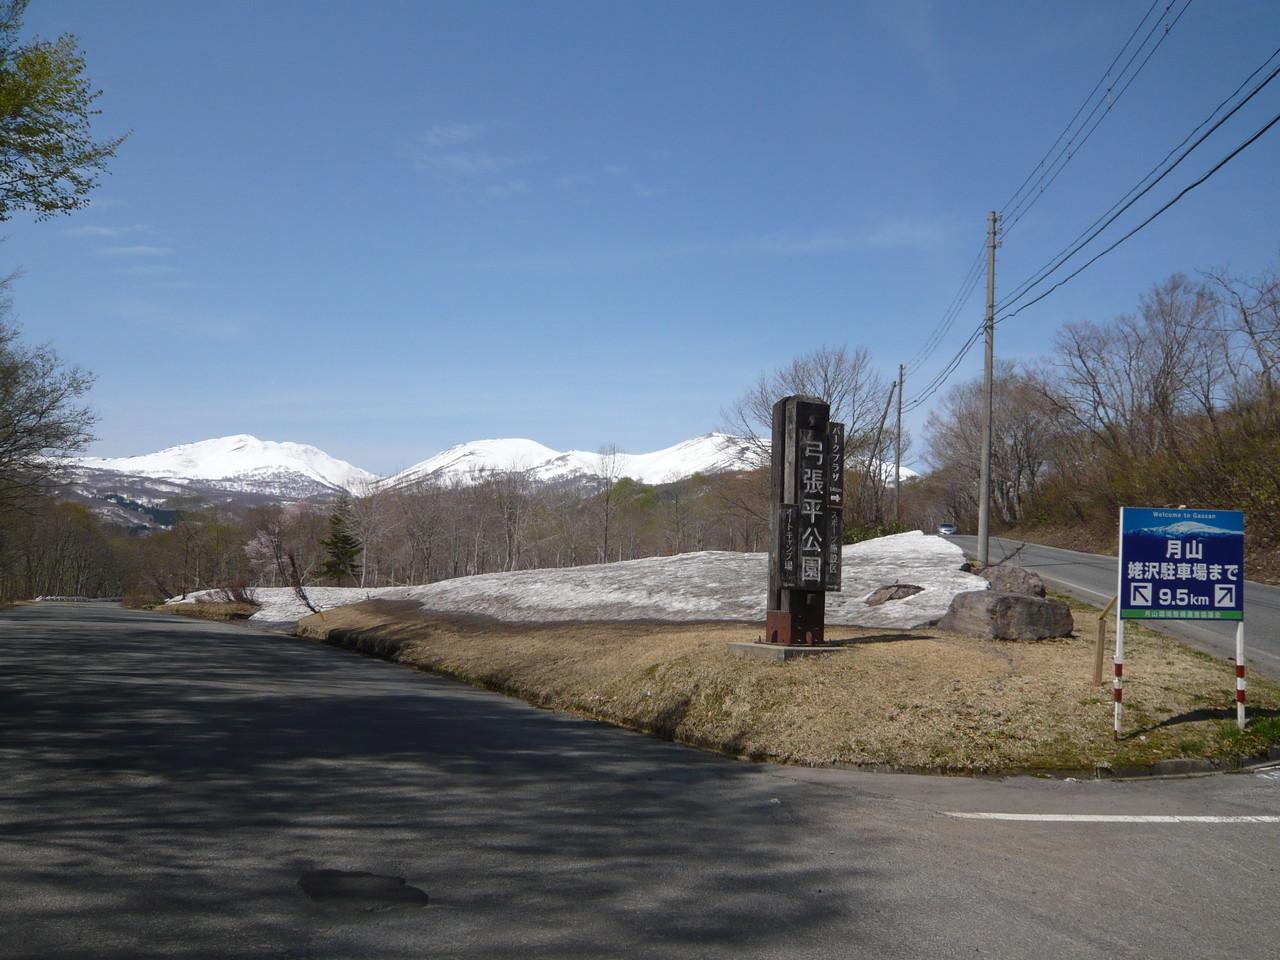 1 弓張平公園入口左から仙人岳(湯殿山)姥が岳ゲレンデ、月山